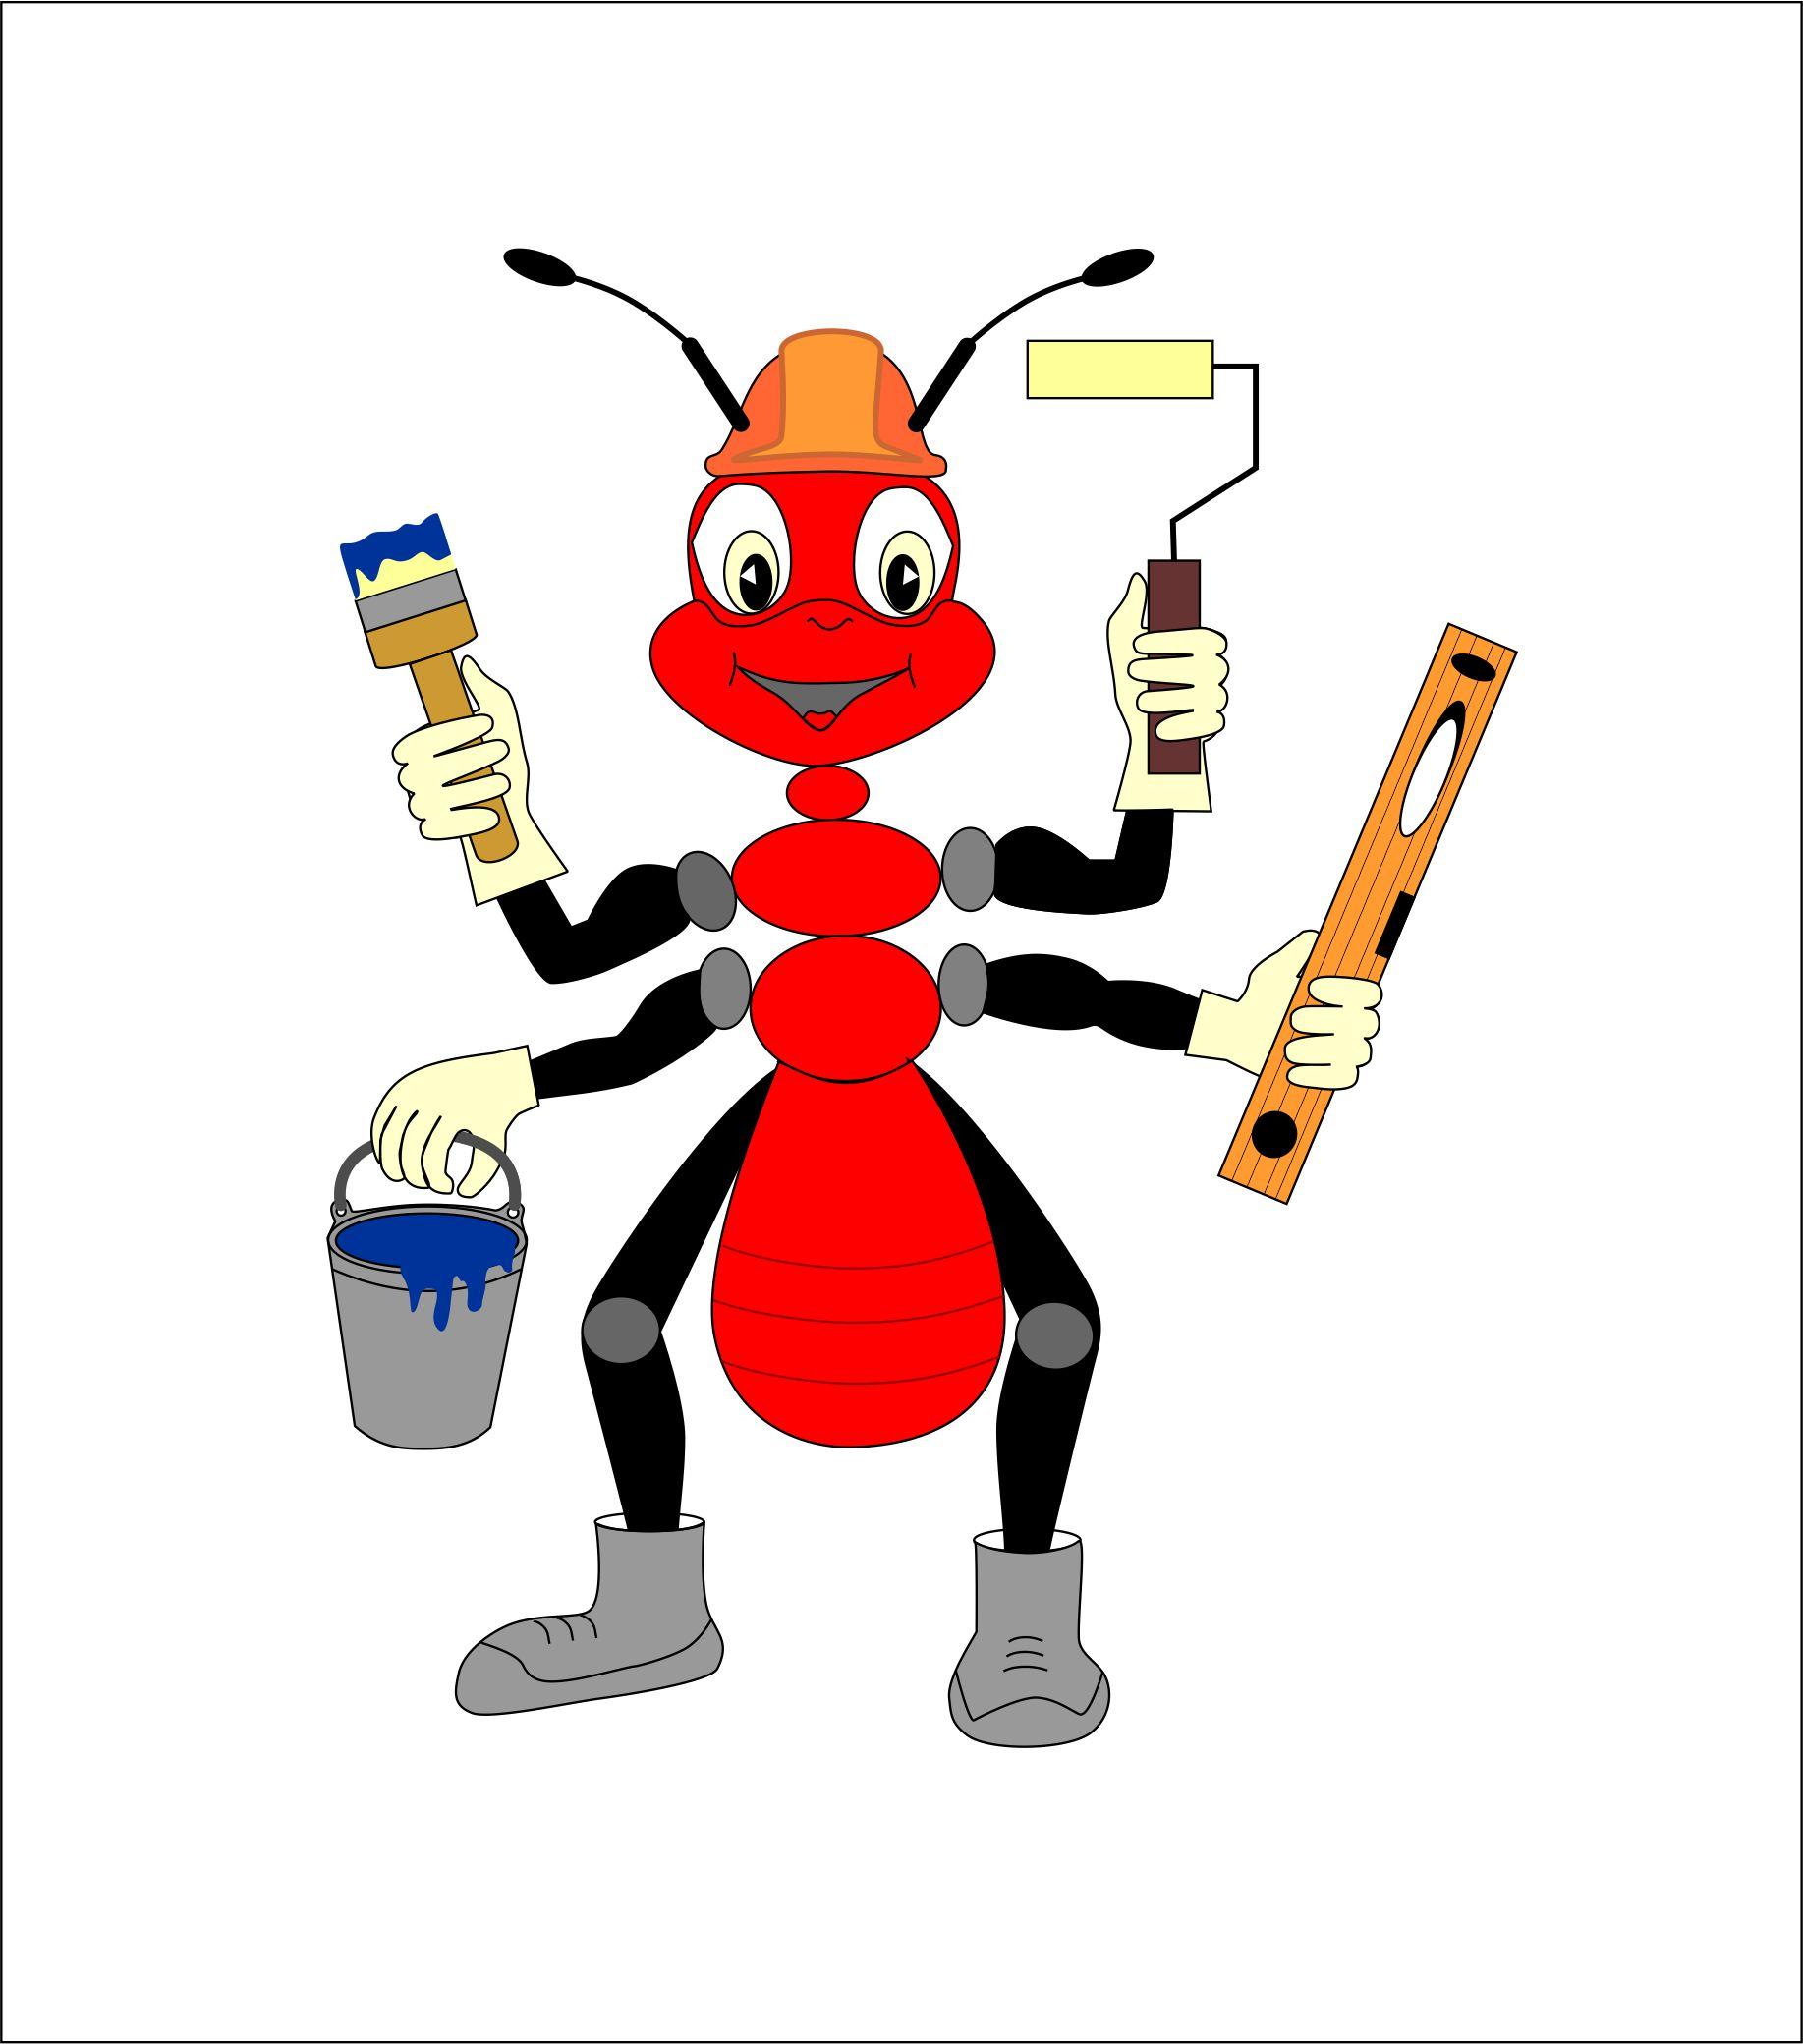 """Необходимо разработать дизайн персонажа """"Муравей"""" для сайта  фото f_6985773f529d0217.jpg"""